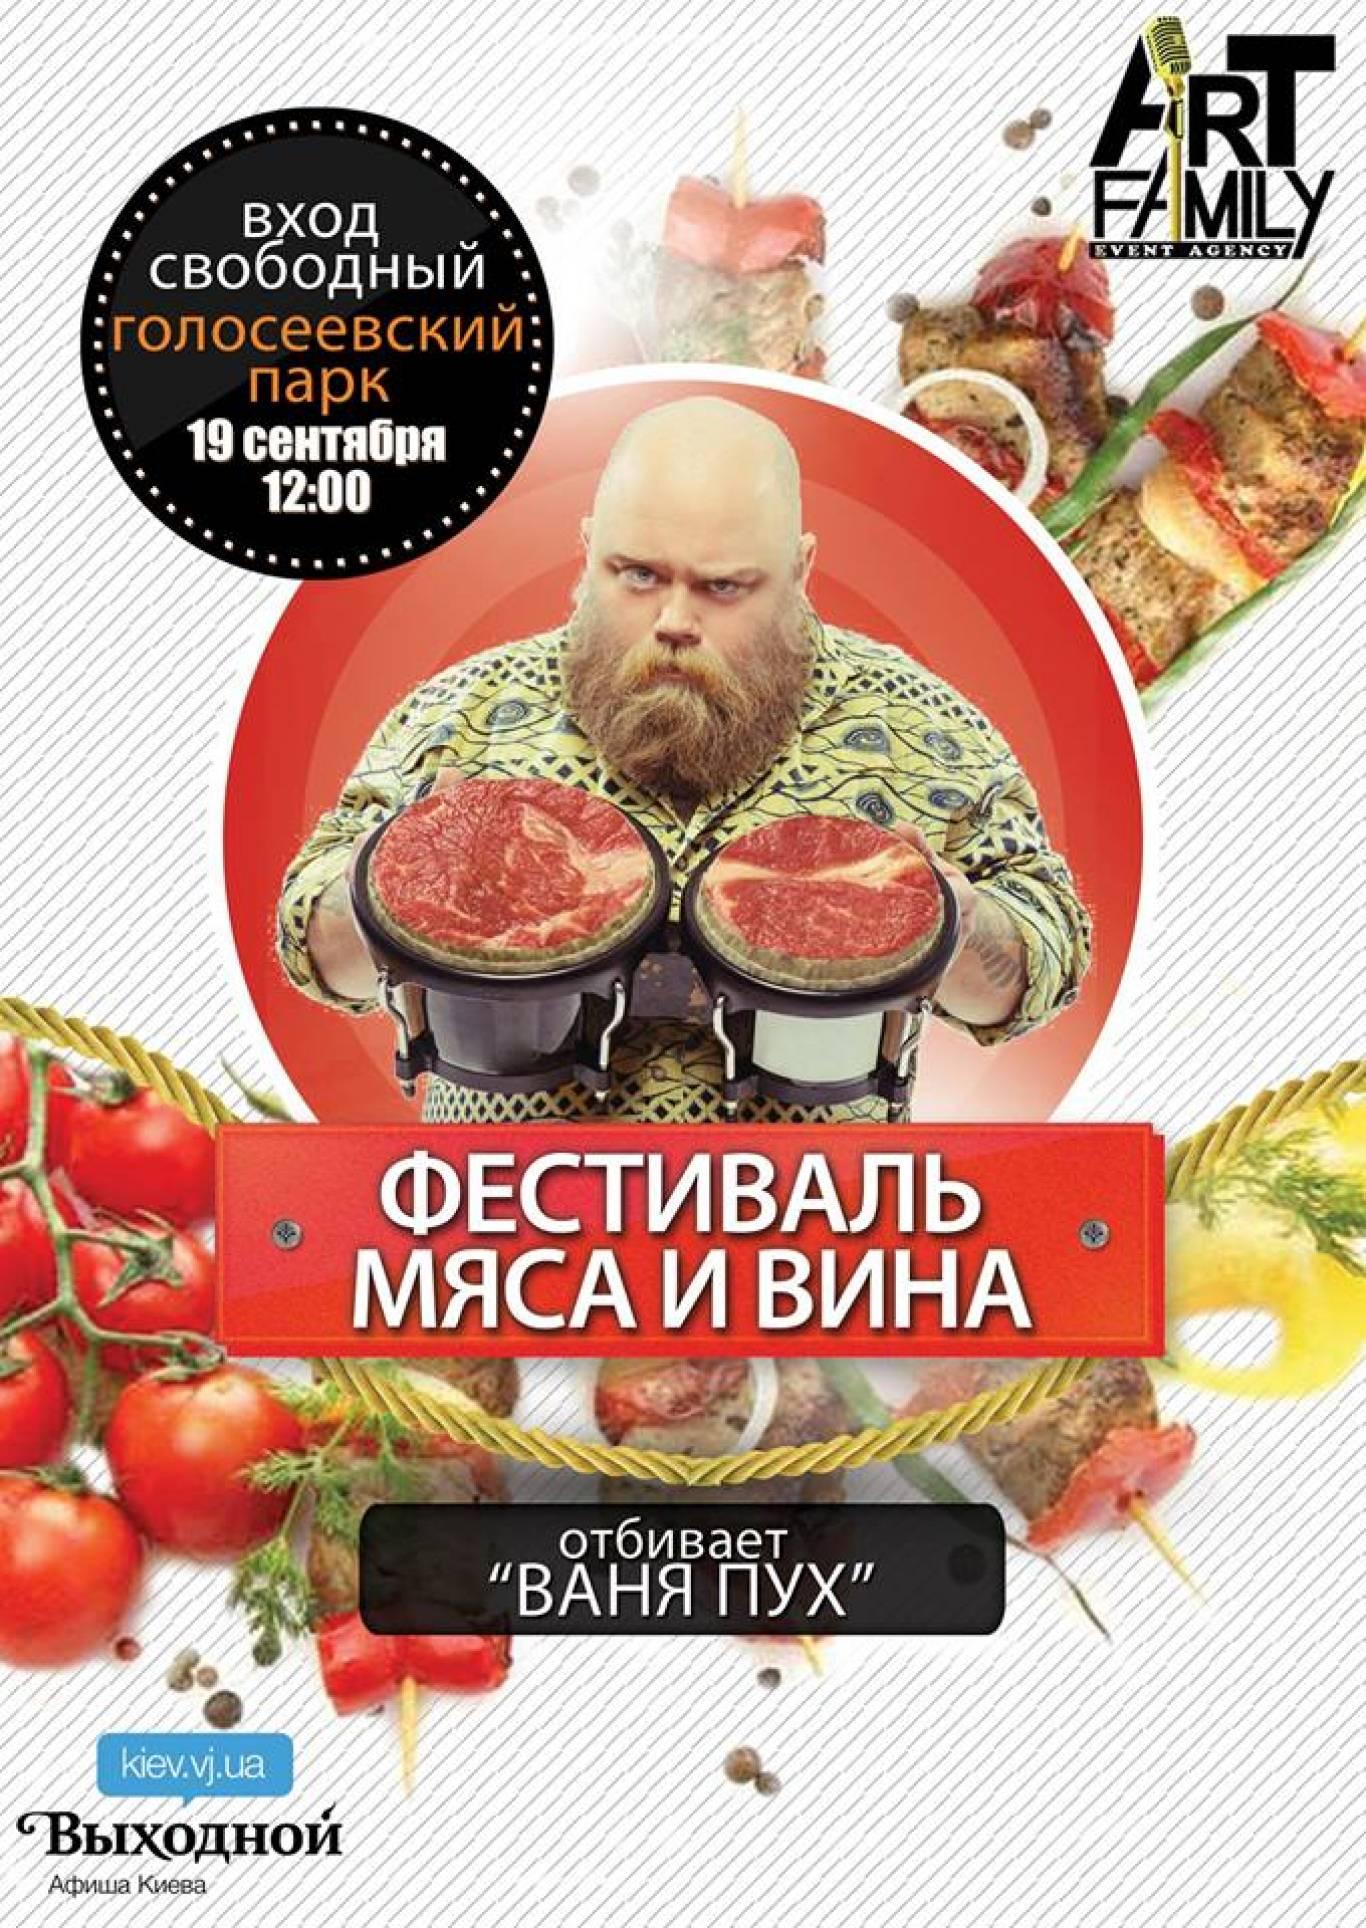 Фестиваль м'яса та вина в Голосіївському парку